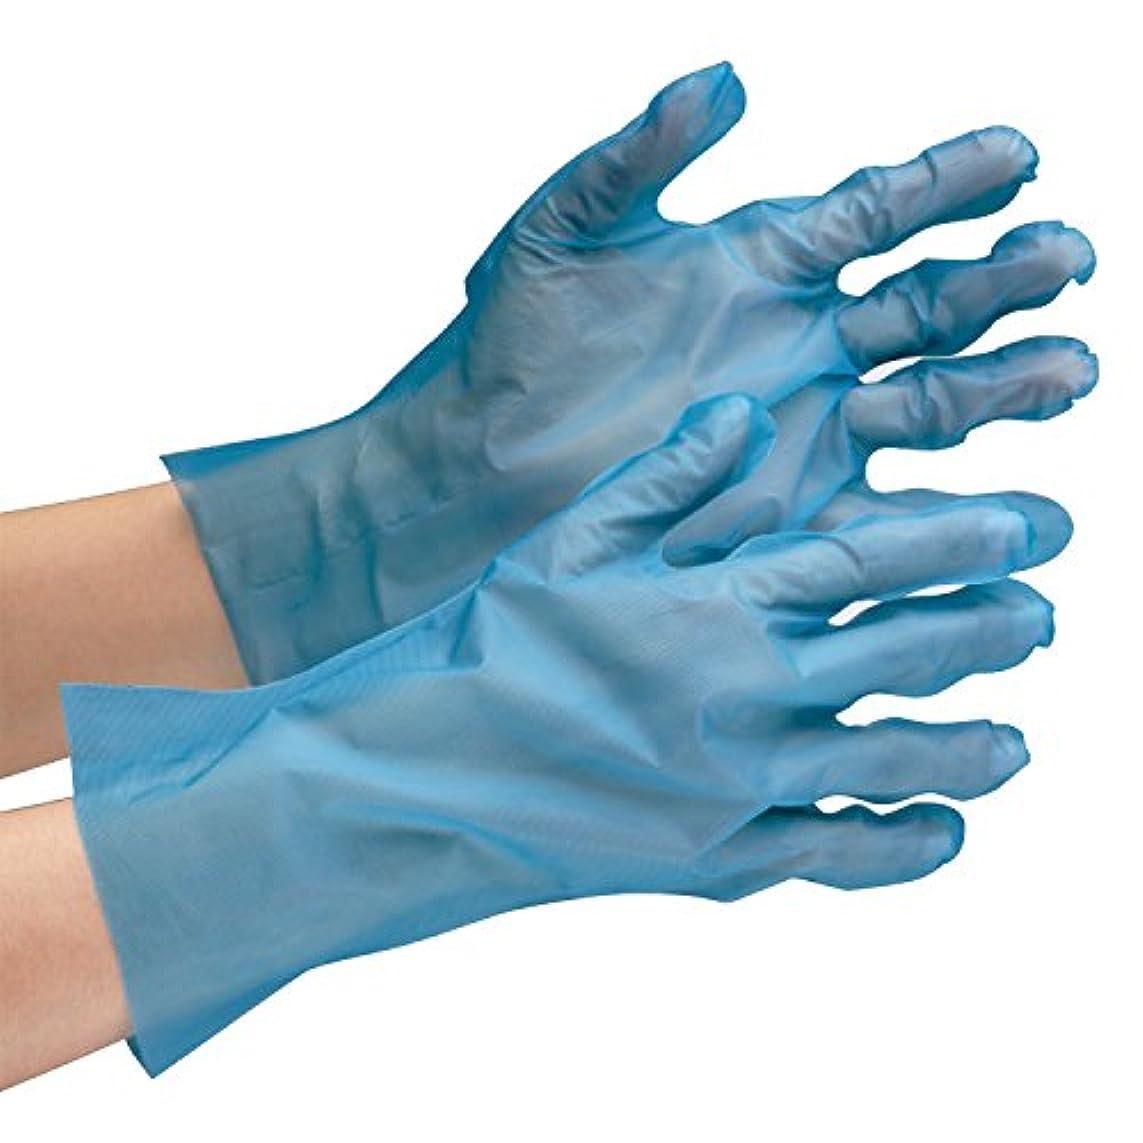 排除ボーナス迅速ミドリ安全 ポリエチレン製ディスポ手袋 ベルテ576 ブルー 200枚入